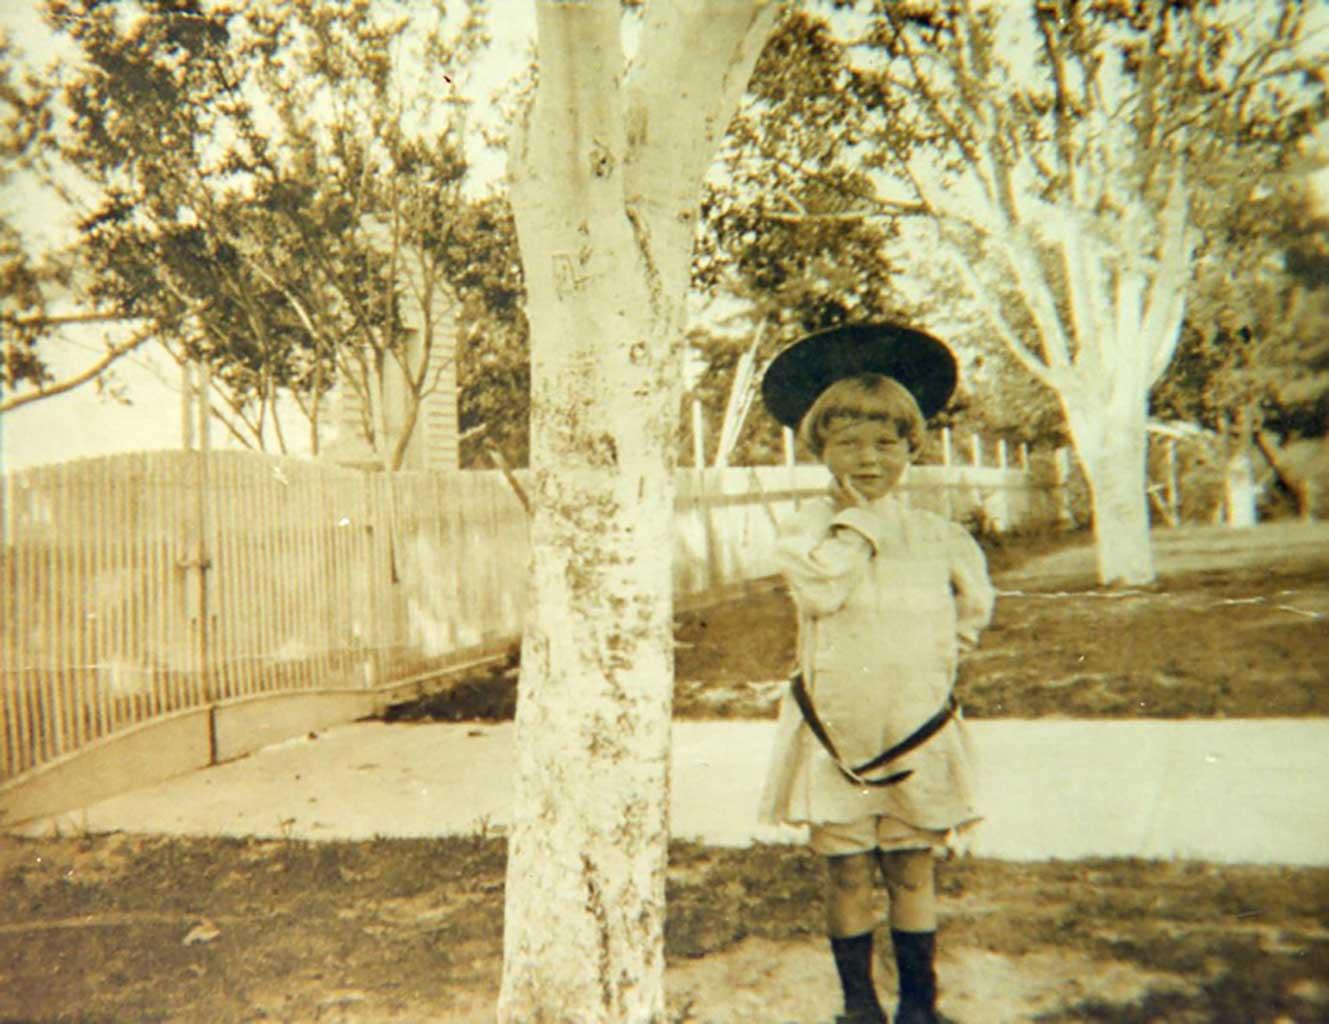 tj-saunders-iii-c-1912-school-house-in-background-img259